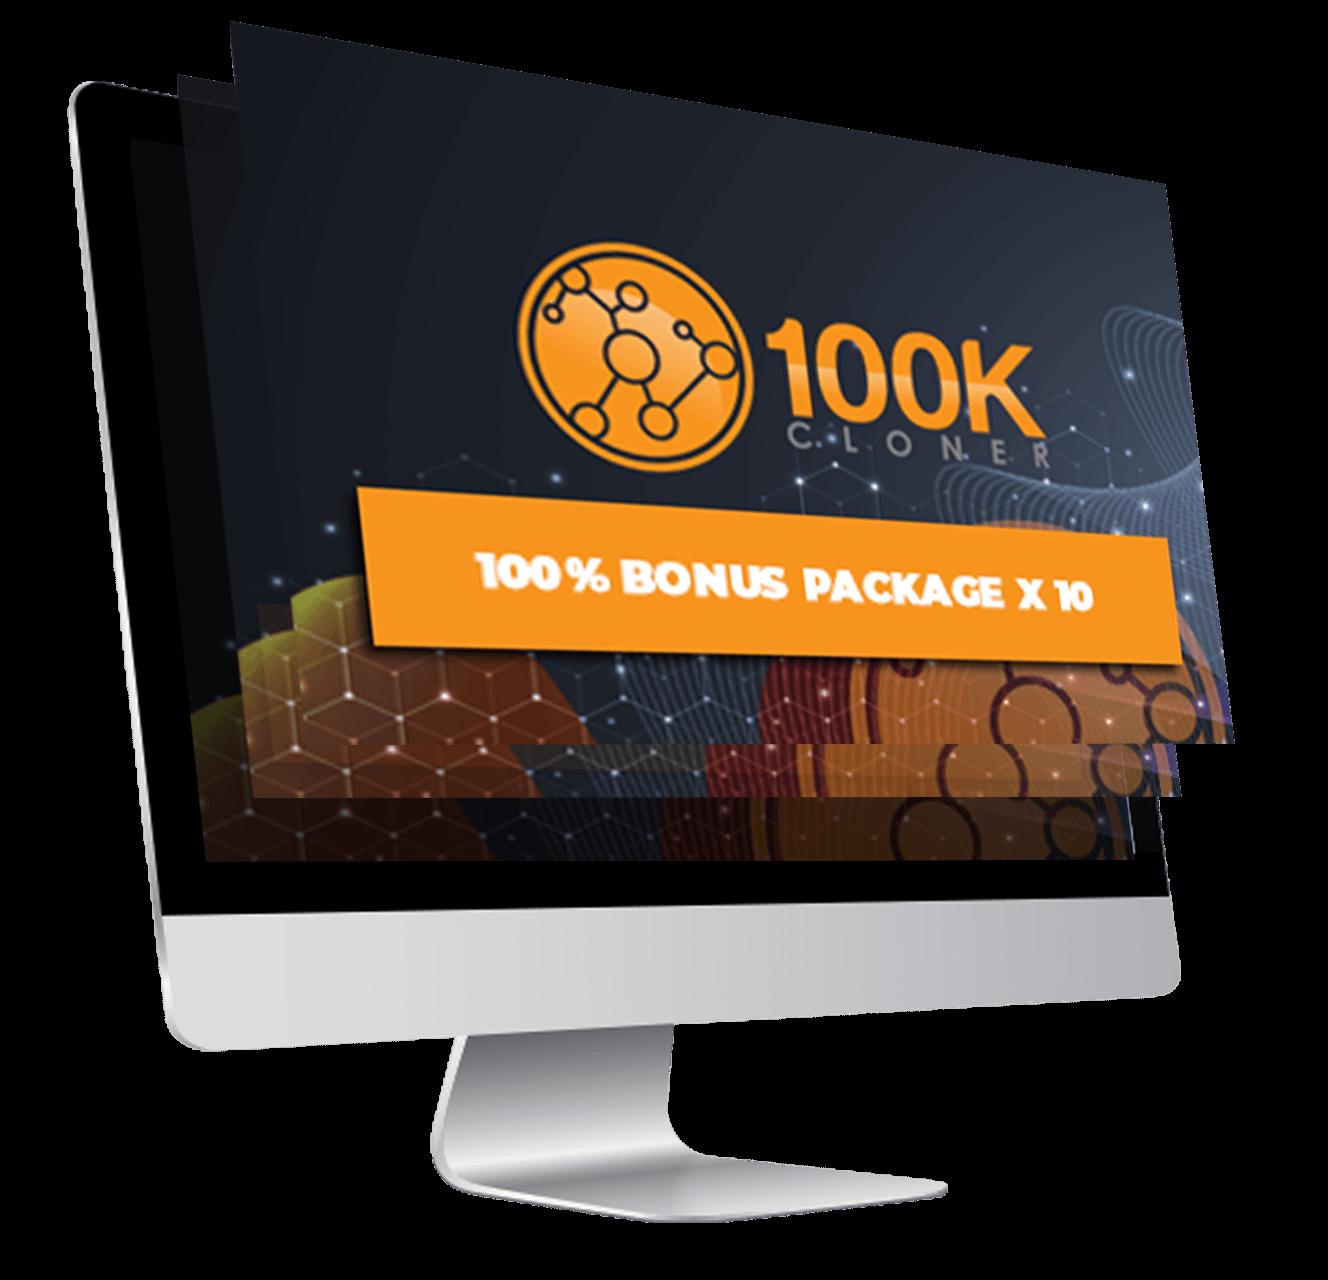 100K-Cloner-feature-4